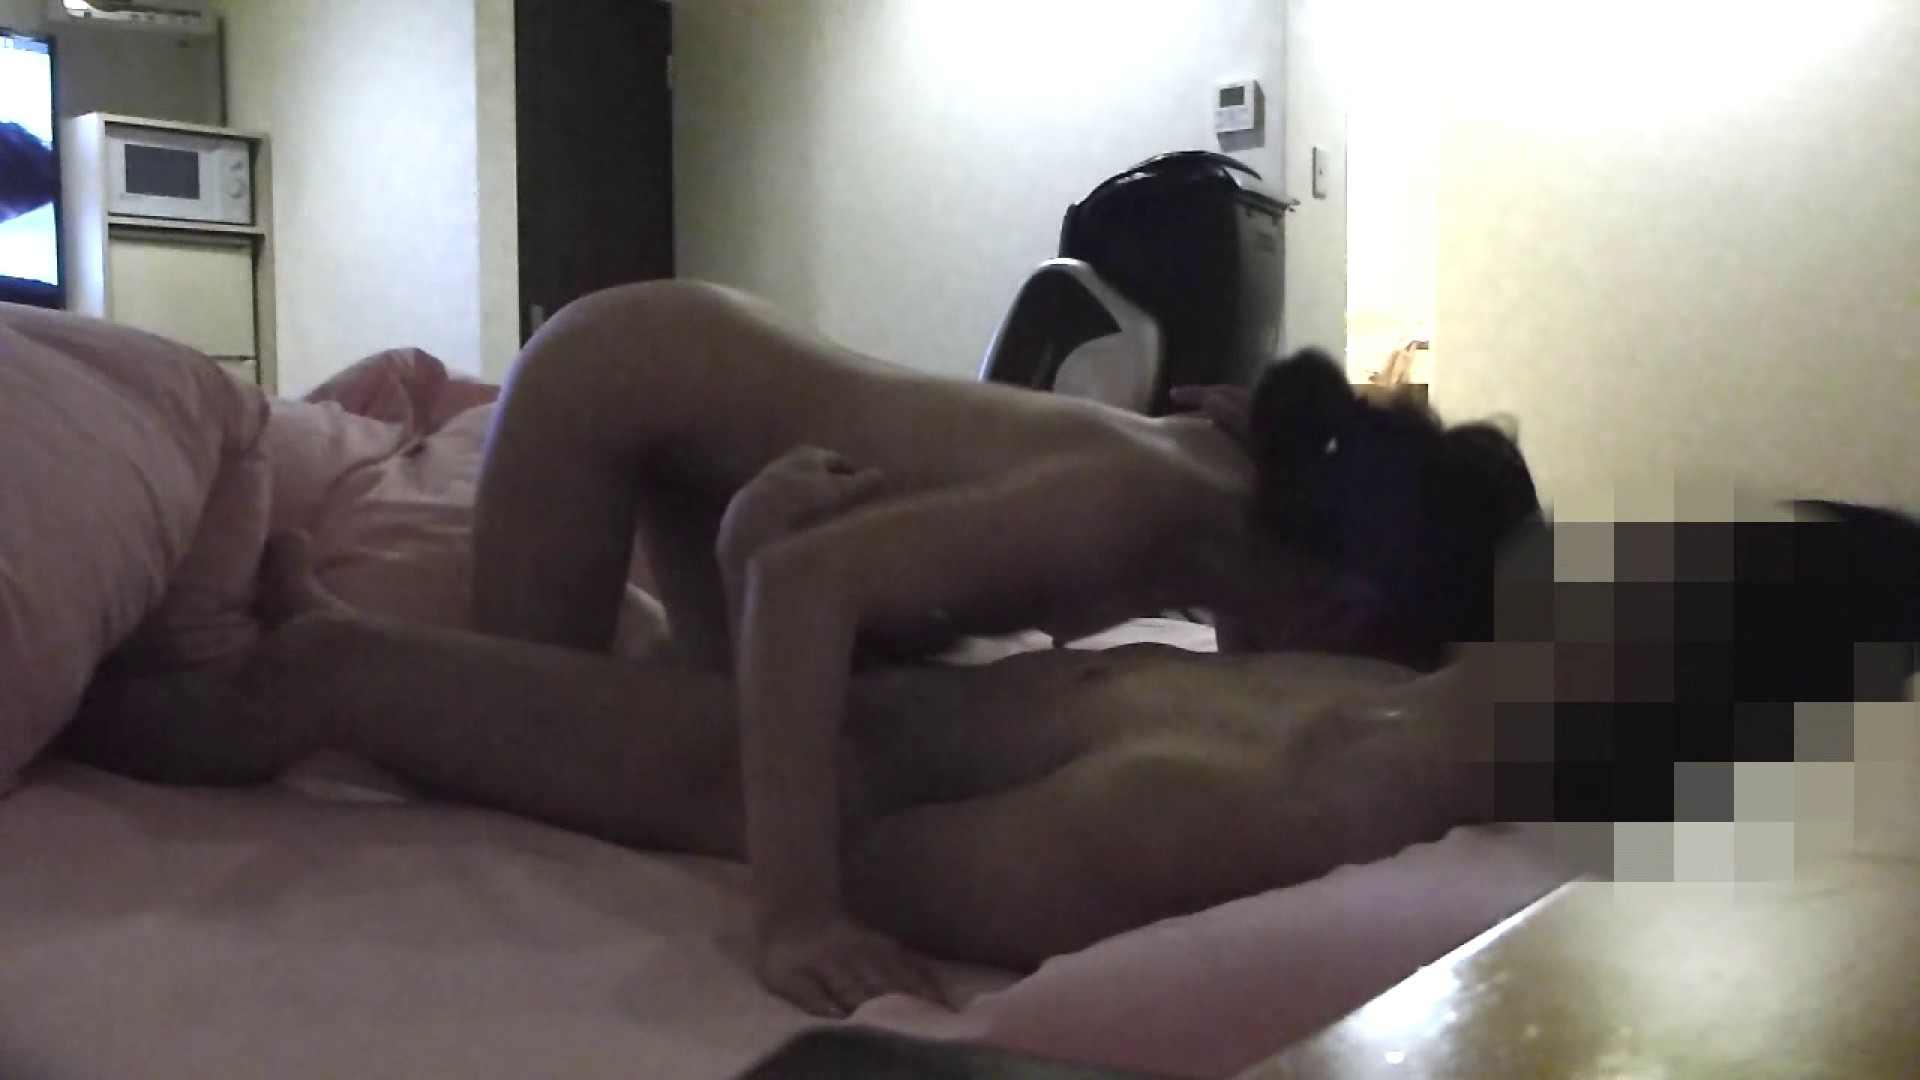 【完全素人投稿】誰にしようか!?やりチン健太の本日もデリ嬢いただきま~す!!16 投稿 オマンコ動画キャプチャ 58pic 8